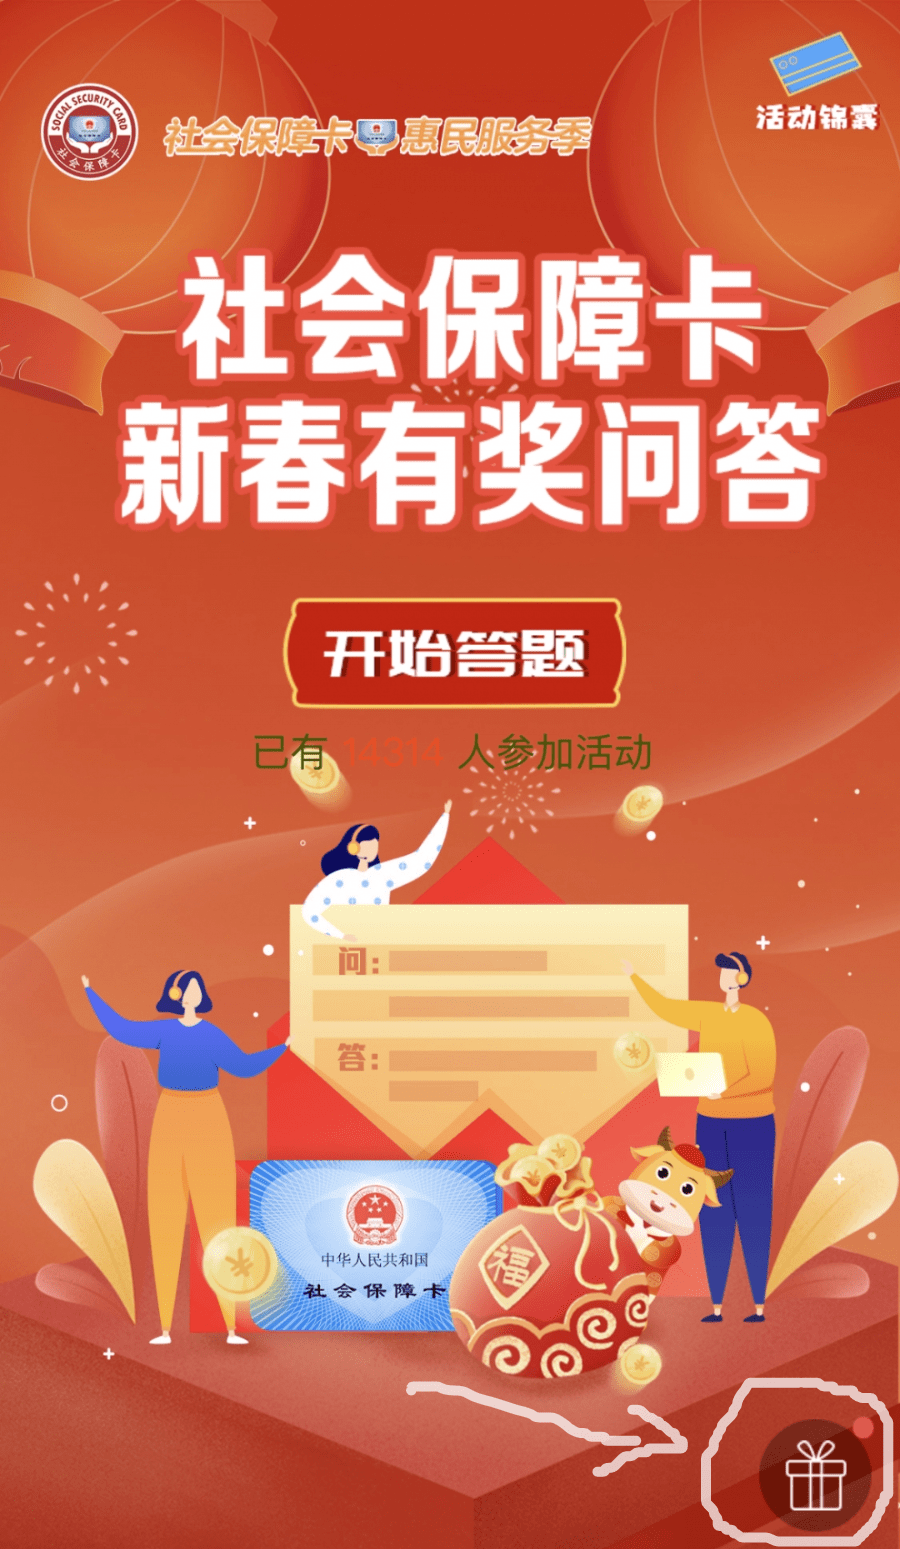 广西社会保障卡拜年送红包活动没结束!兑奖时间延长到本月20号!